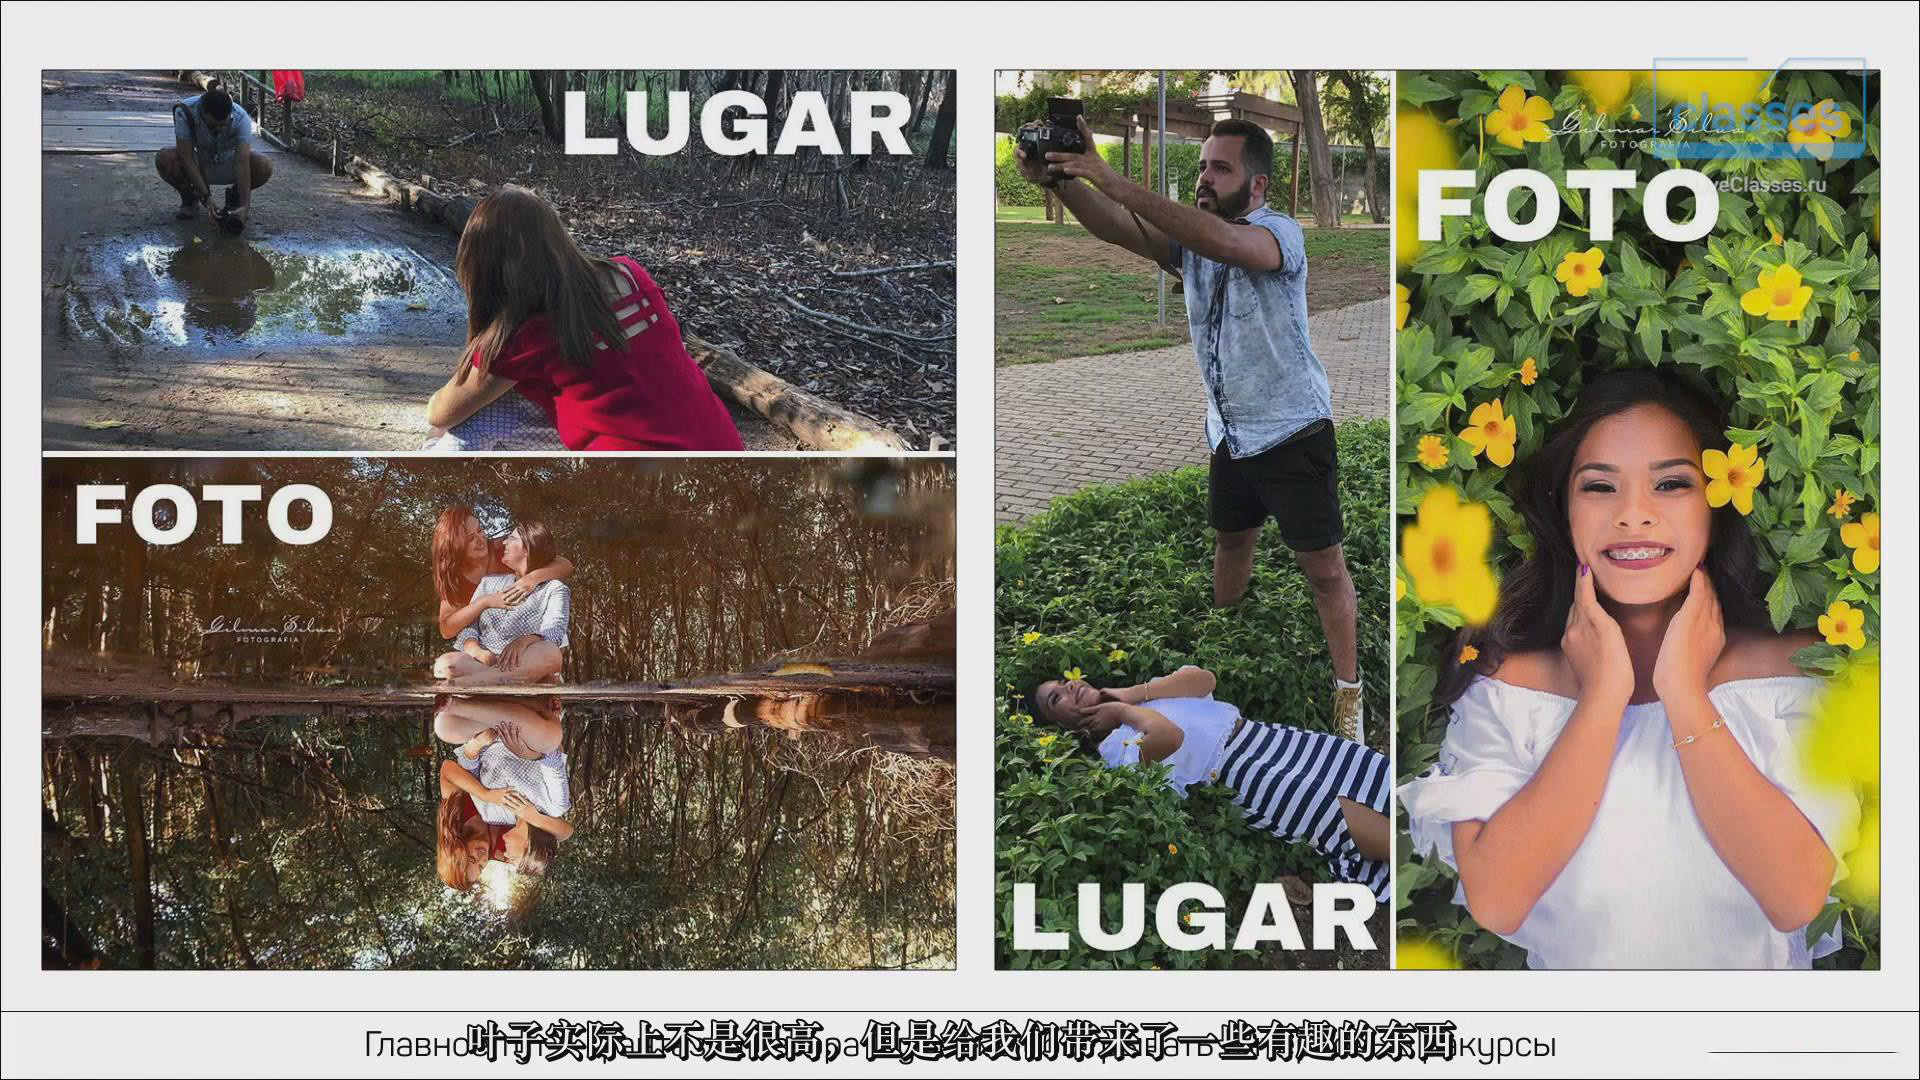 摄影教程_Anton Martynov-学习分析别人照片从而了解学习别人的摄影技术-中文字幕 摄影教程 _预览图11